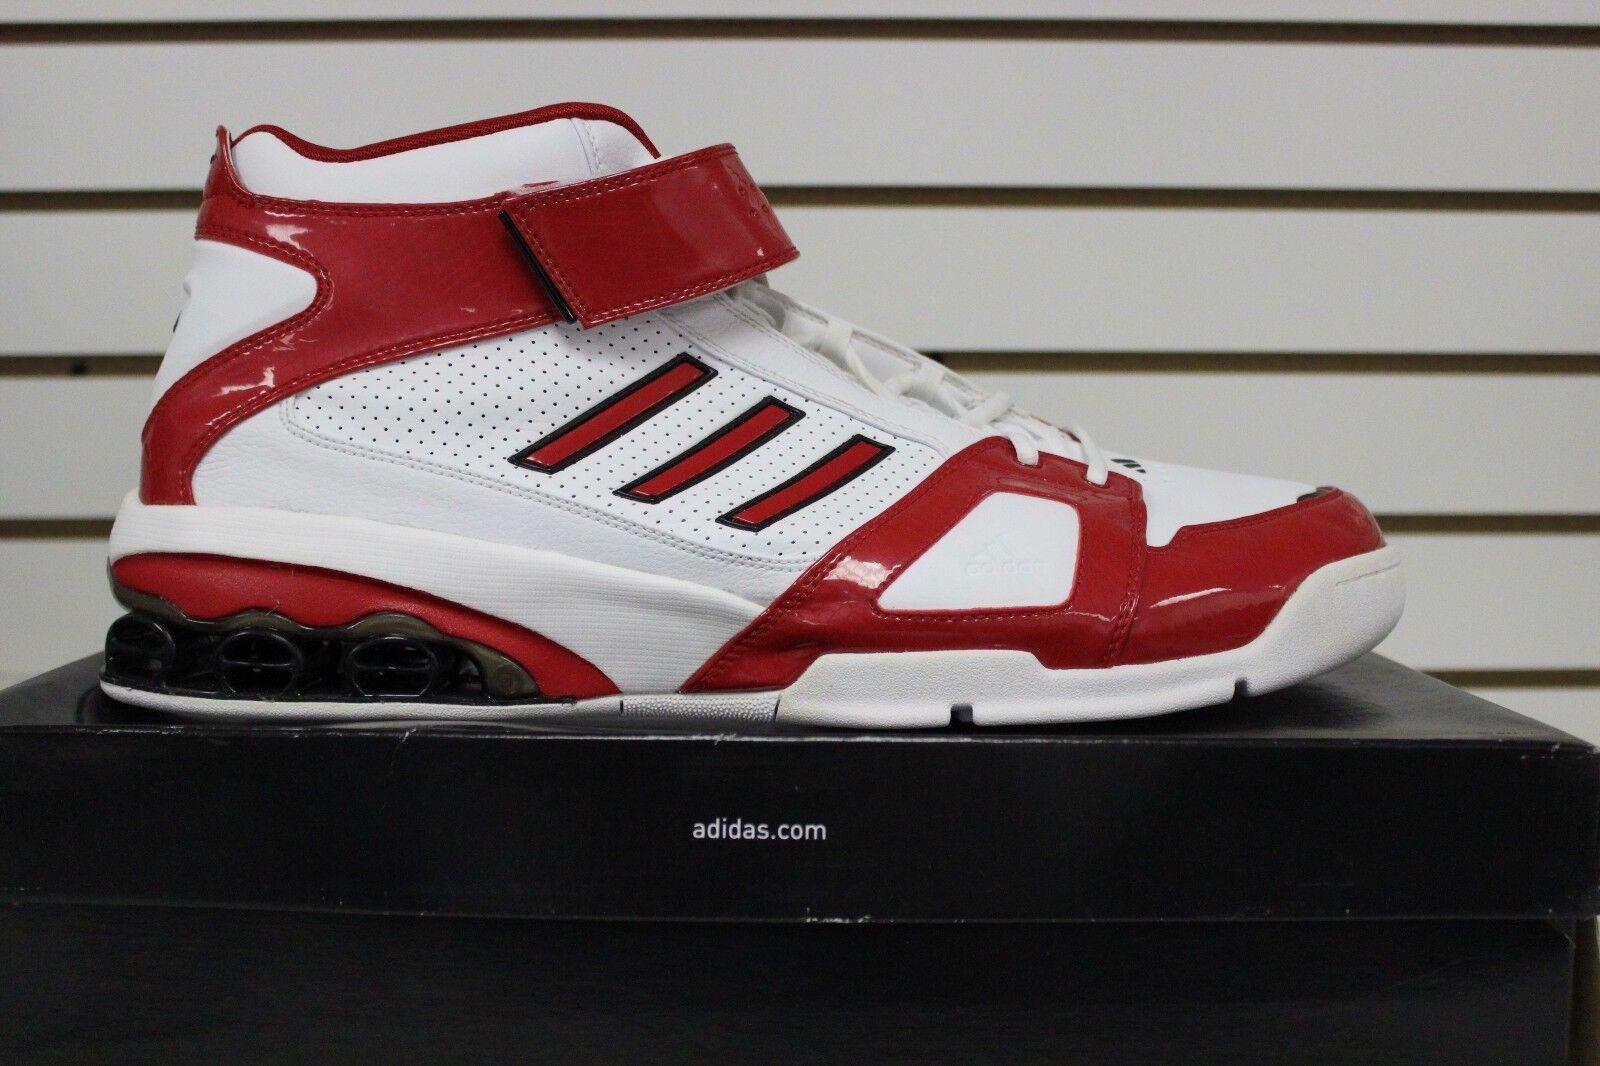 Los hombres de baloncesto de la NBA Adidas 667473 AST j-smoov Josh Smith 667473 Adidas blanco / rojo / negro 89637a